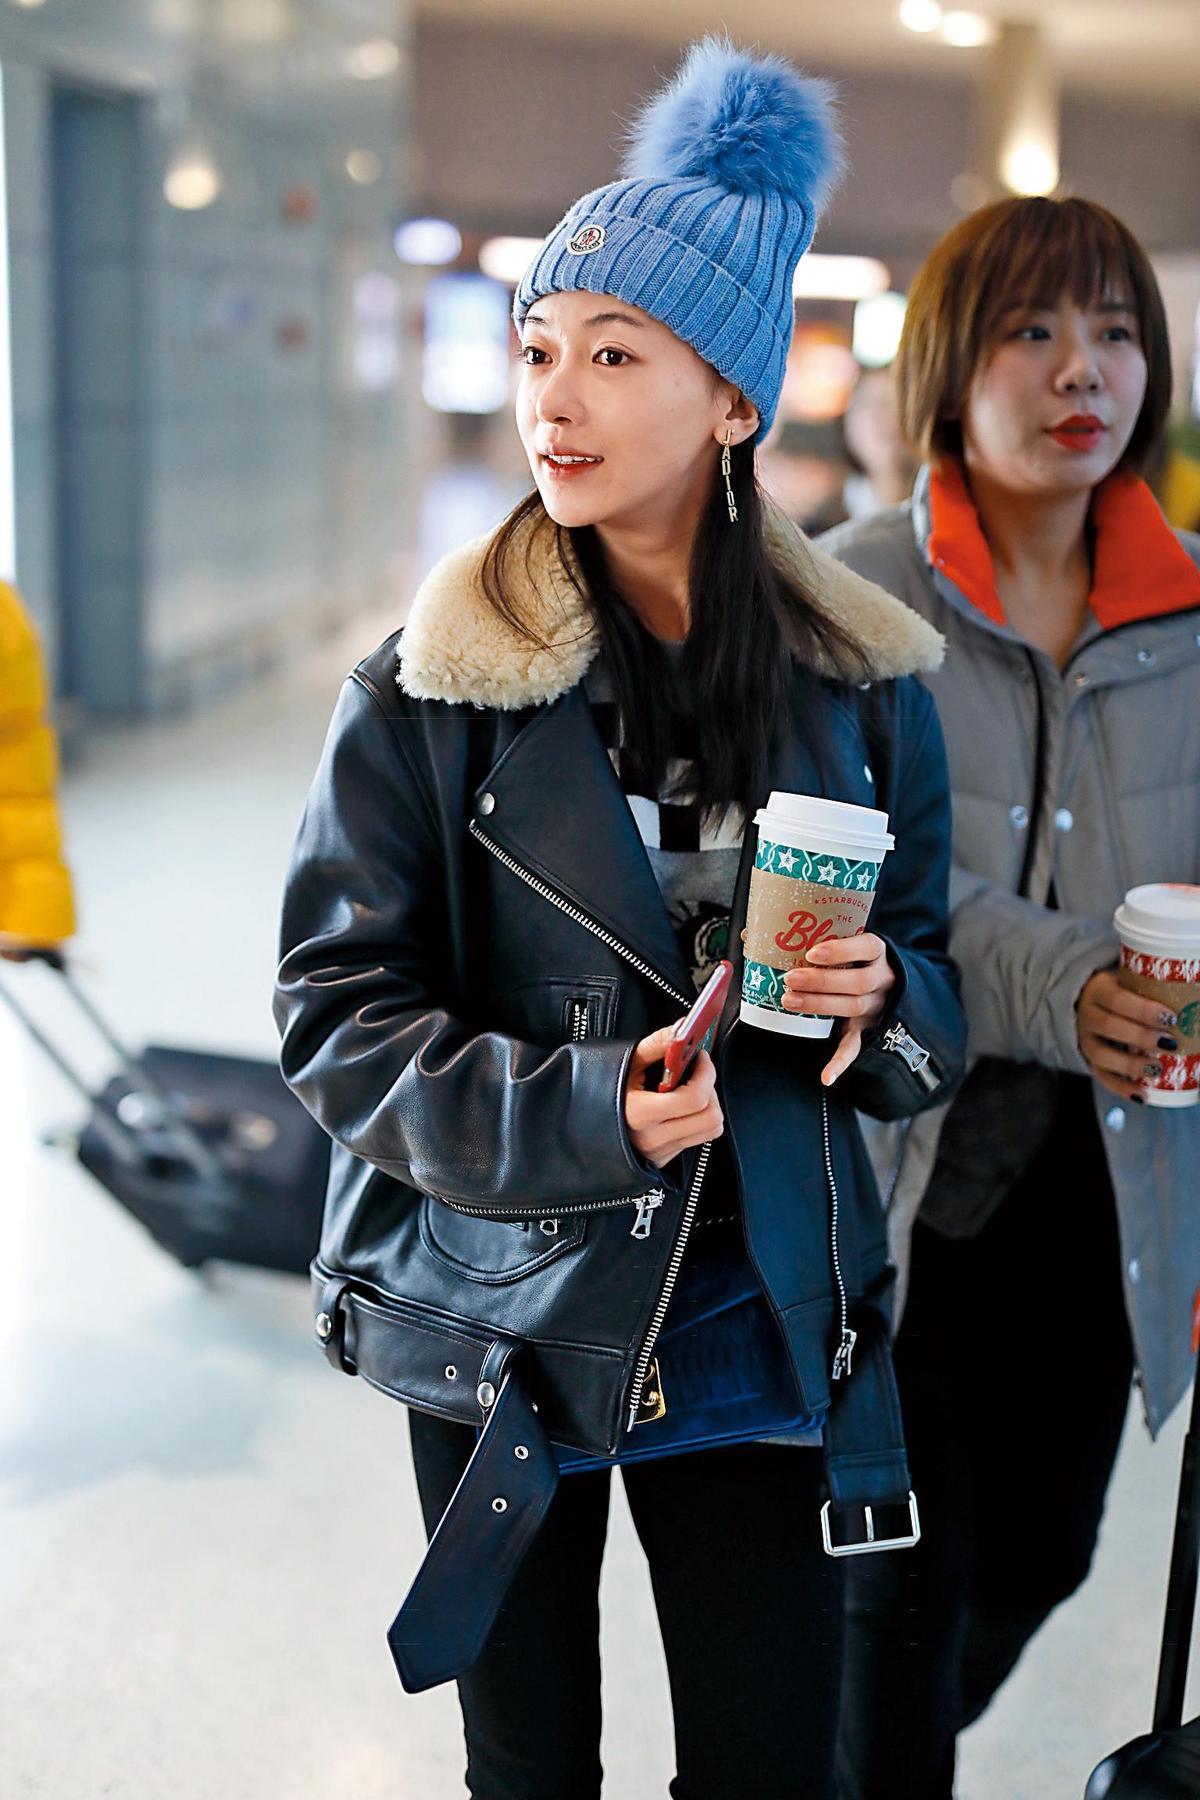 吳謹言 現身上海機場的吳謹言,機車騎士皮夾克穿在她嬌小的身體上有著帥氣感,藍色貂毛皮草的MONCLER毛帽在白皙的臉上更為凸顯,垂釣式的長耳環是神來之筆,讓人眼光都放在她的頸部以上。(東方IC)